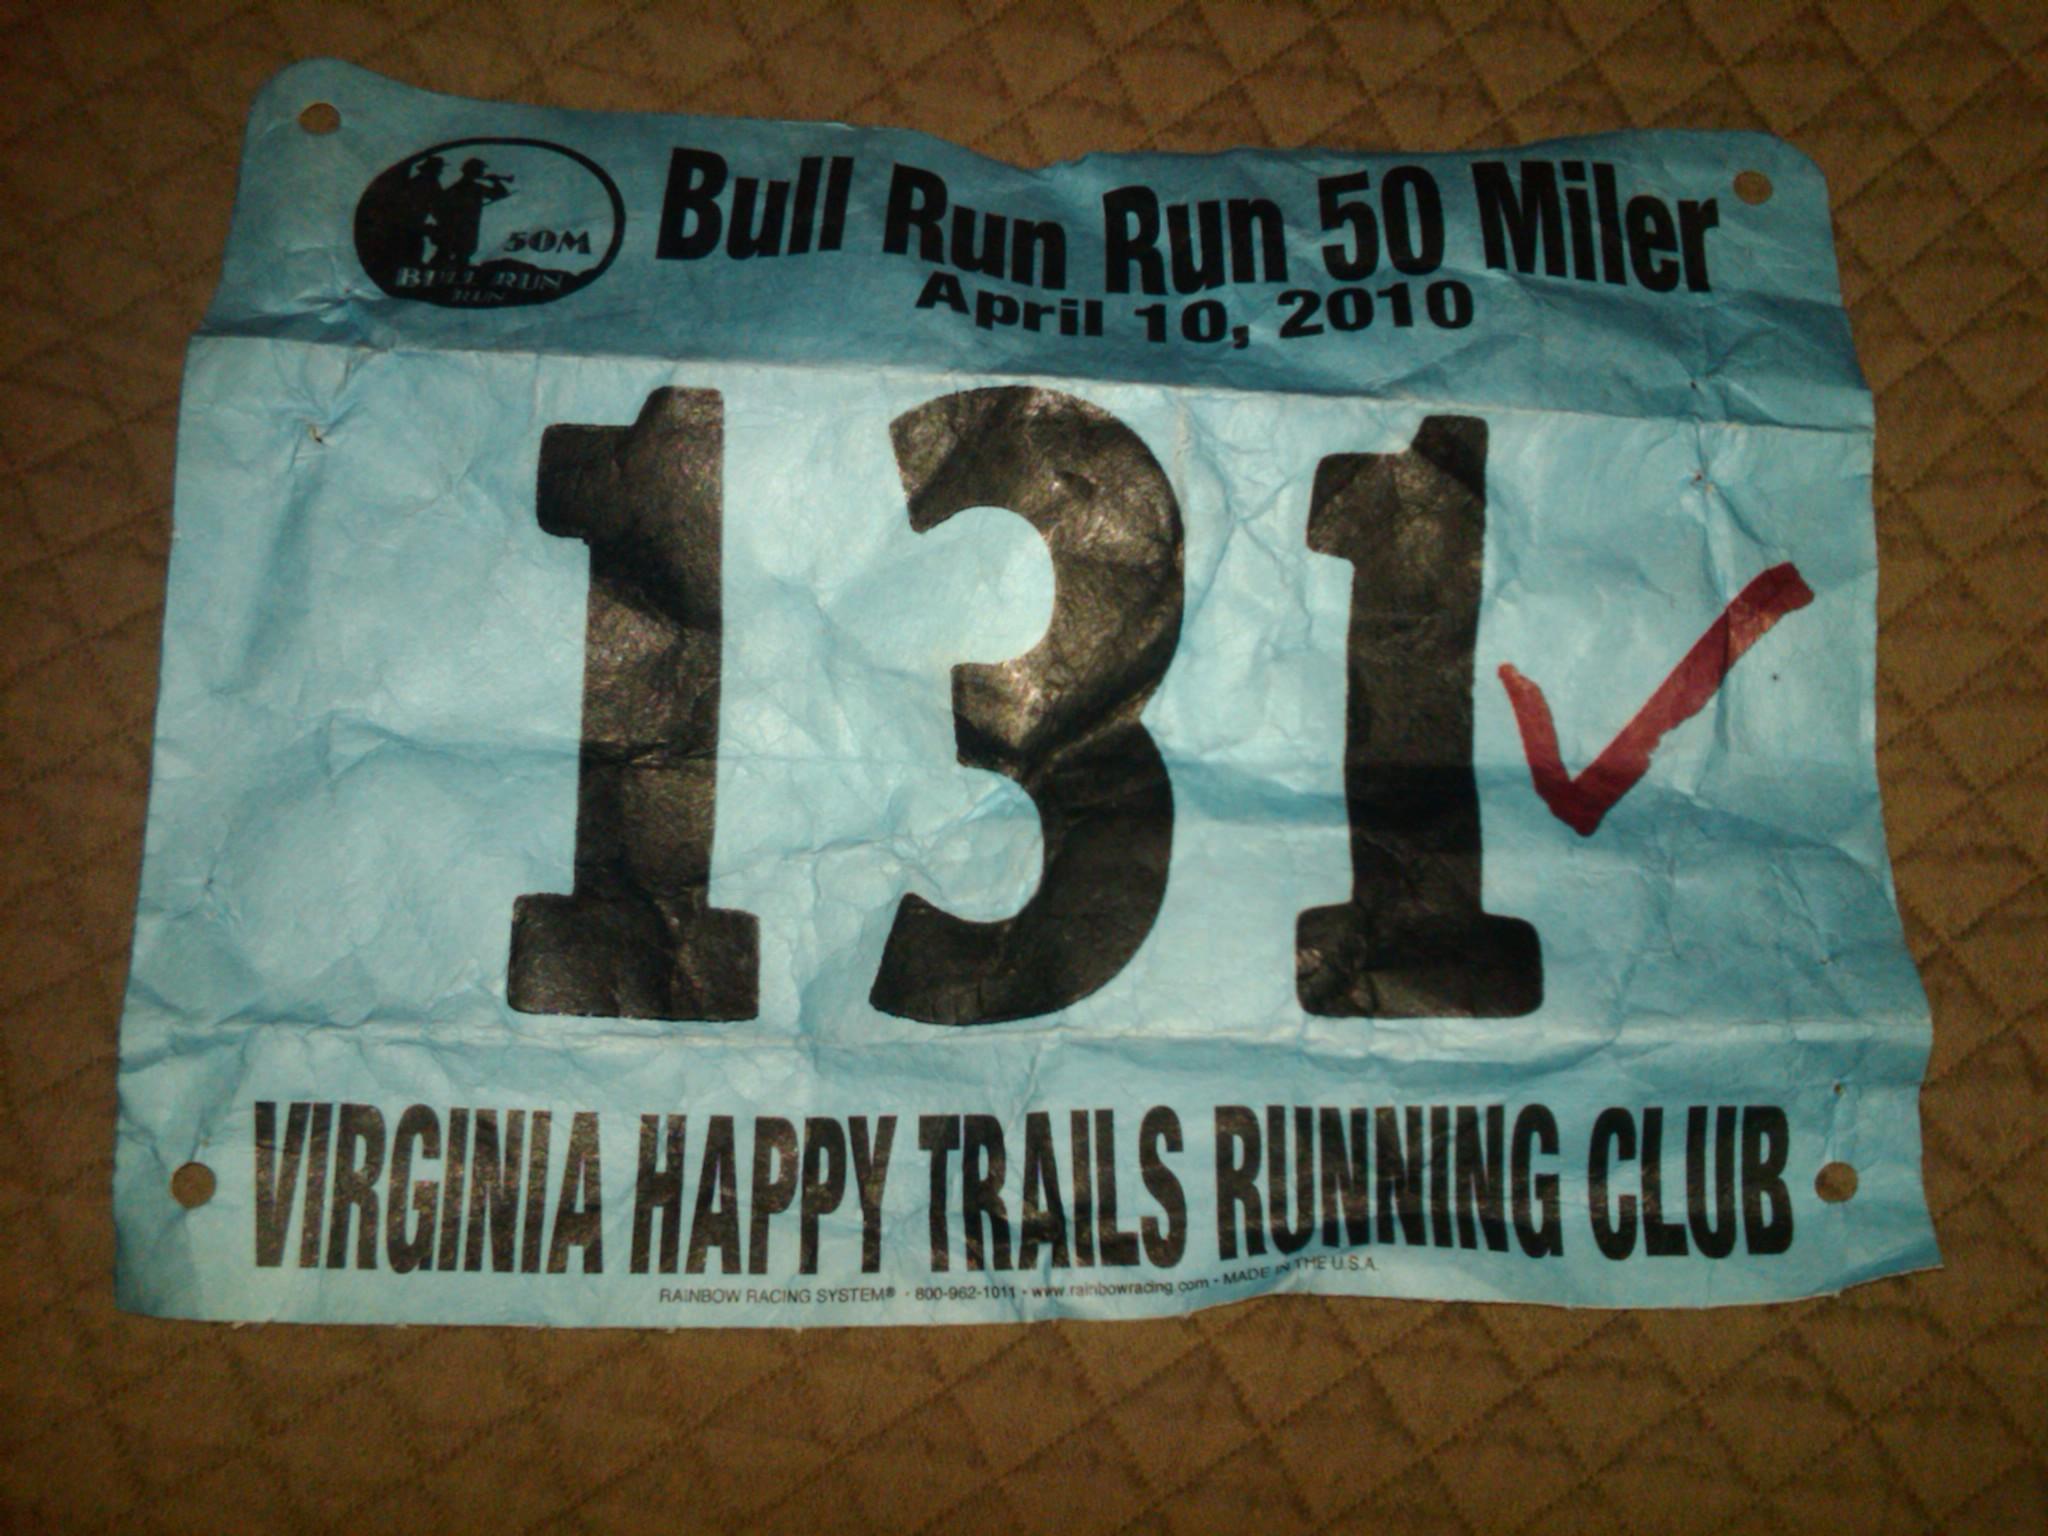 Bull Run Run 50 miler